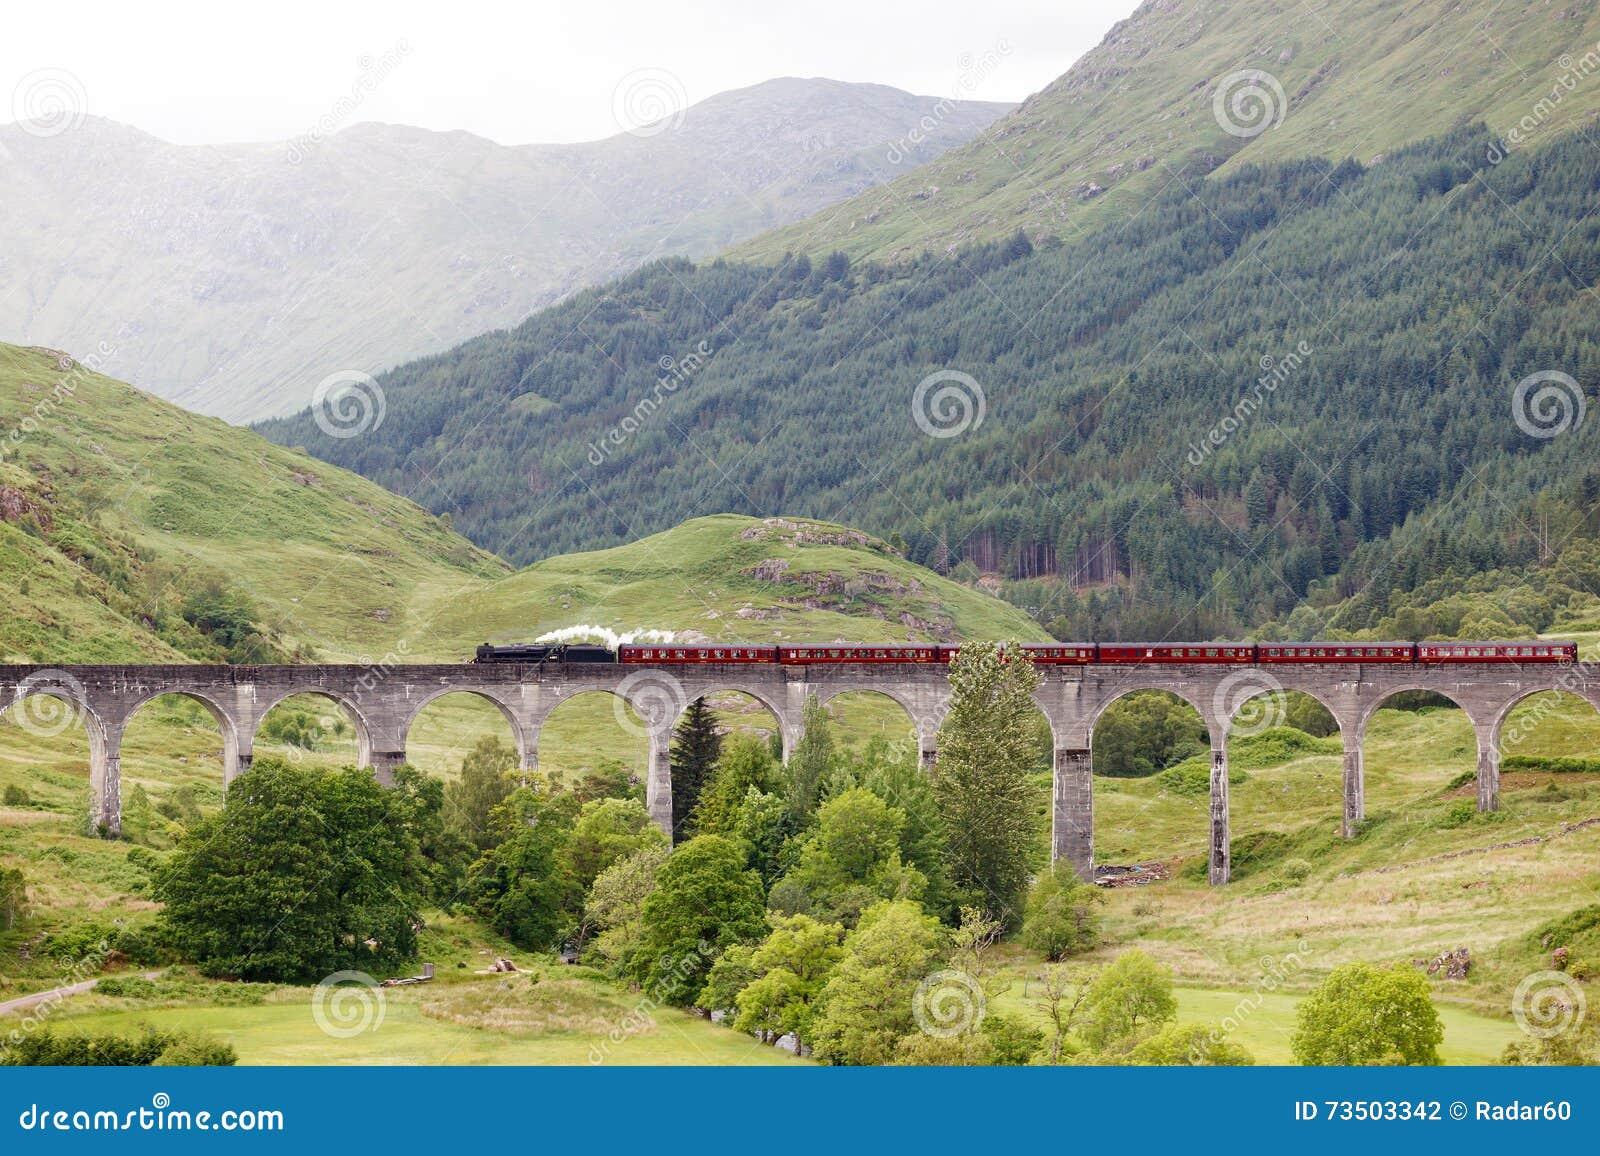 Trem do vapor do vintage no viaduto de Glenfinnan, Escócia, Reino Unido